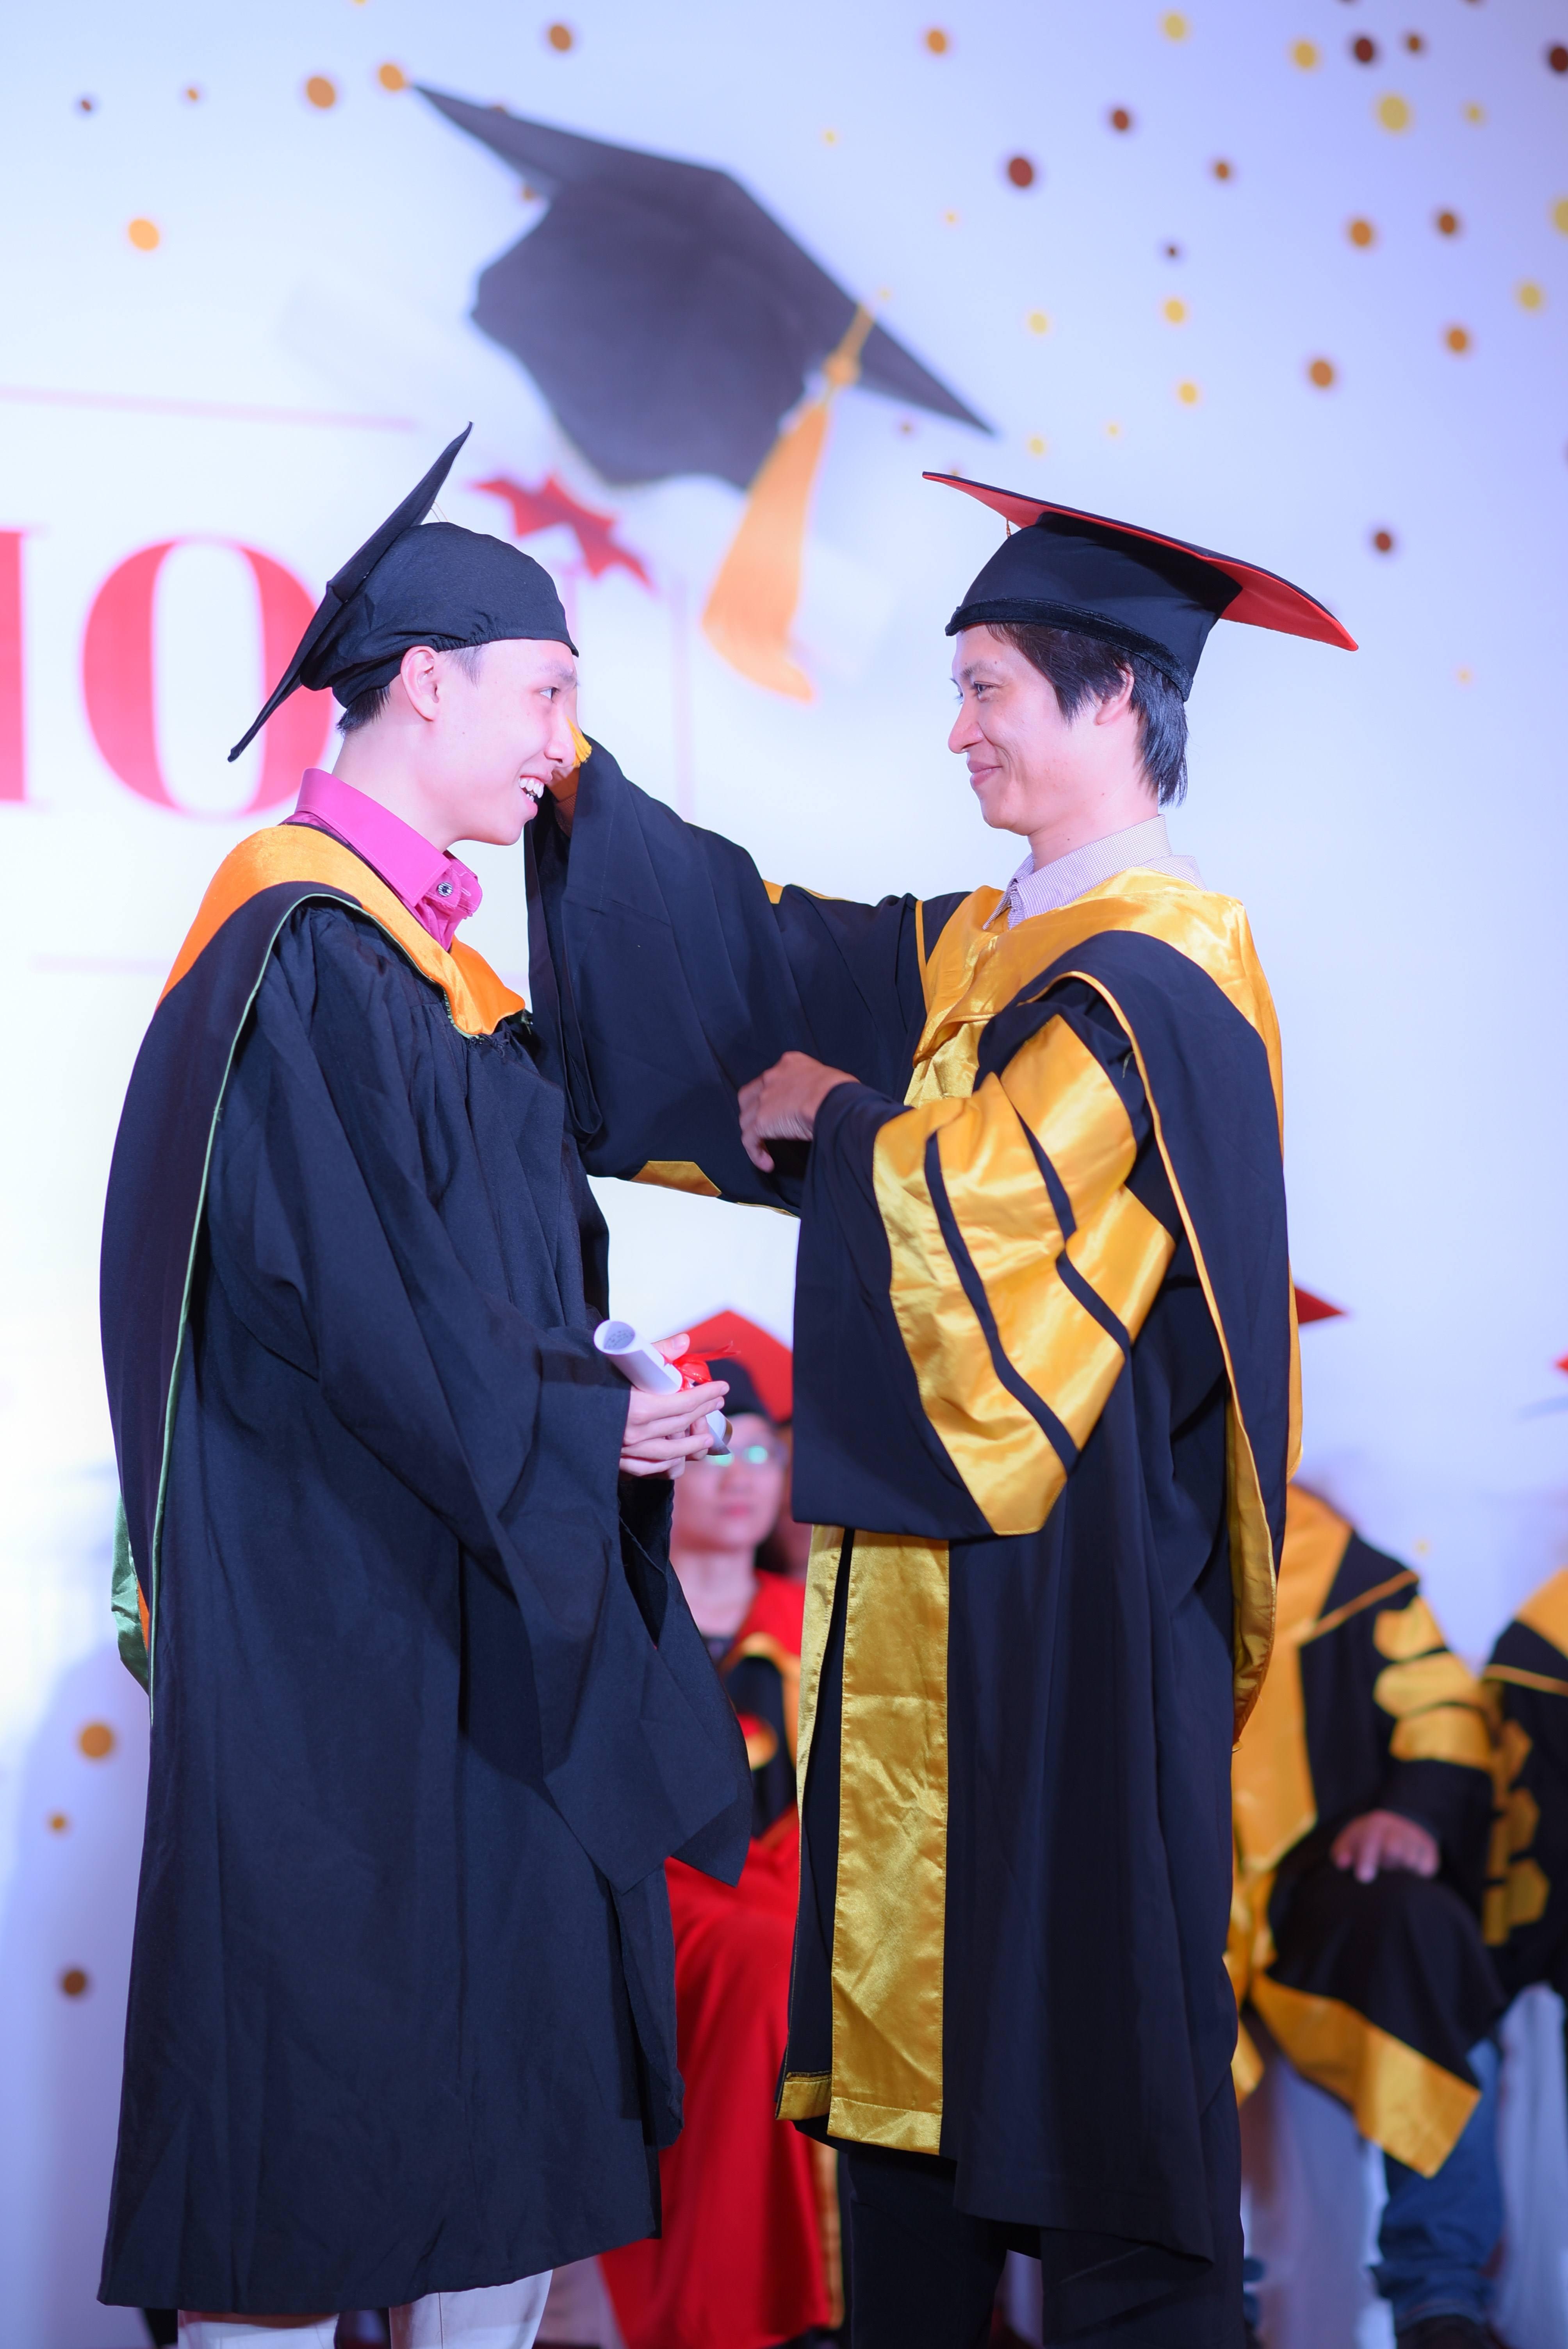 Đồng thời, thầy Nguyễn Tuân - Giám đốc chuyên ngành FPT Aptech là ngừoi thực hiện nghi thức vắt dải mũ - Nghi thức công nhận sự trưởng thành của một sinh viên, sẵn sàng gia nhập gia nhập thị trường lao động và cống hiến cho xã hội.